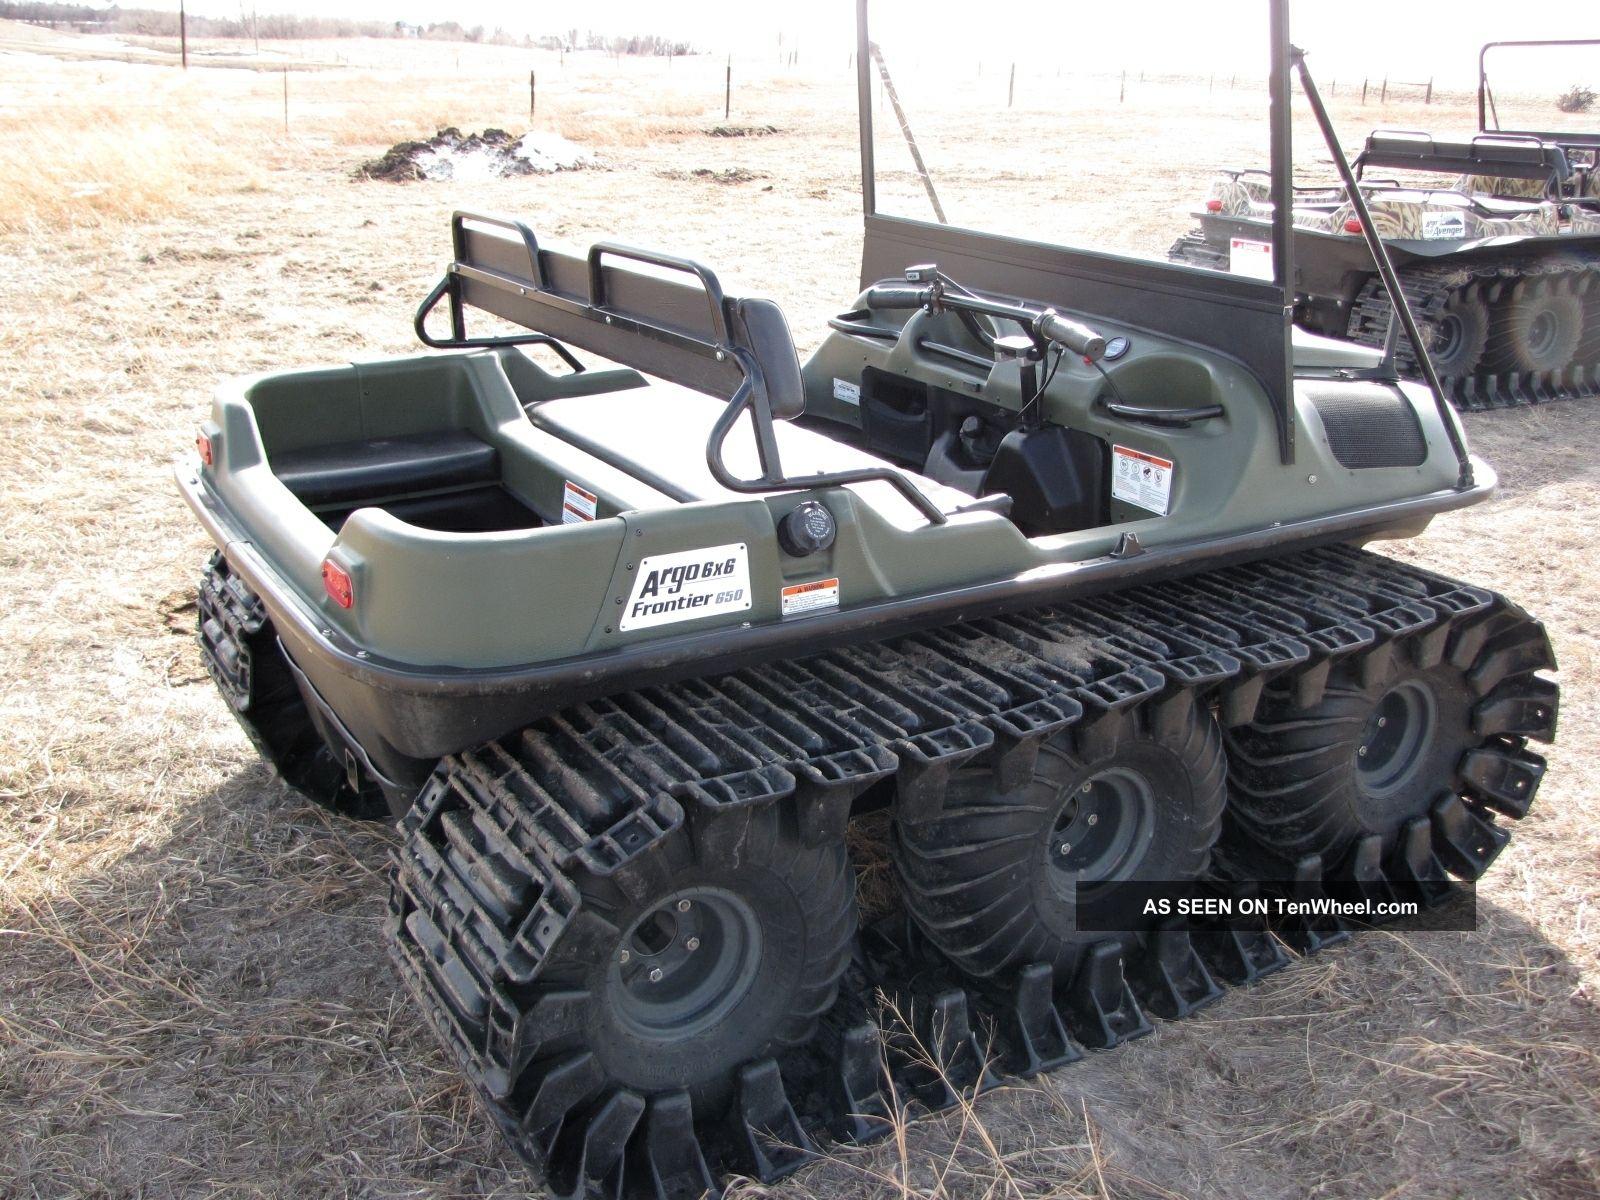 2008 Argo Frontier 650 6x6